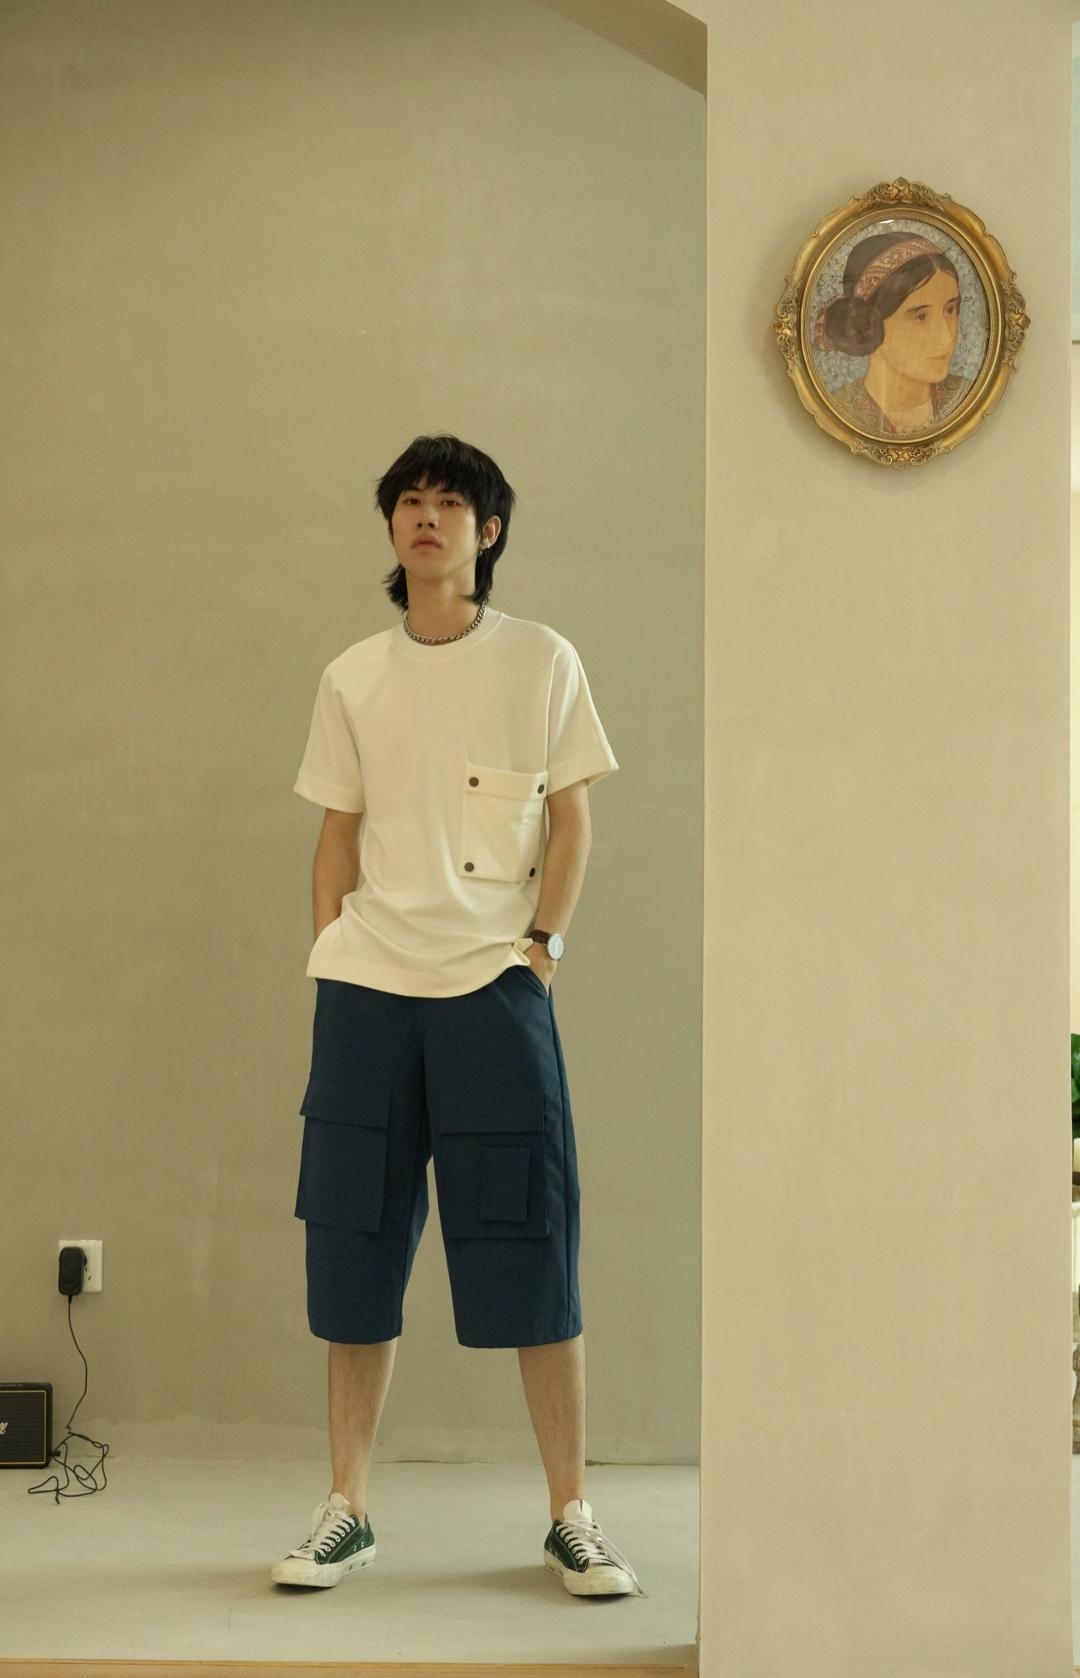 白t再加上这这条藏青色短裤 简简单单又不失潮感 这样随性的感觉赶快get起来哦#第一次约会这样穿超加分!#